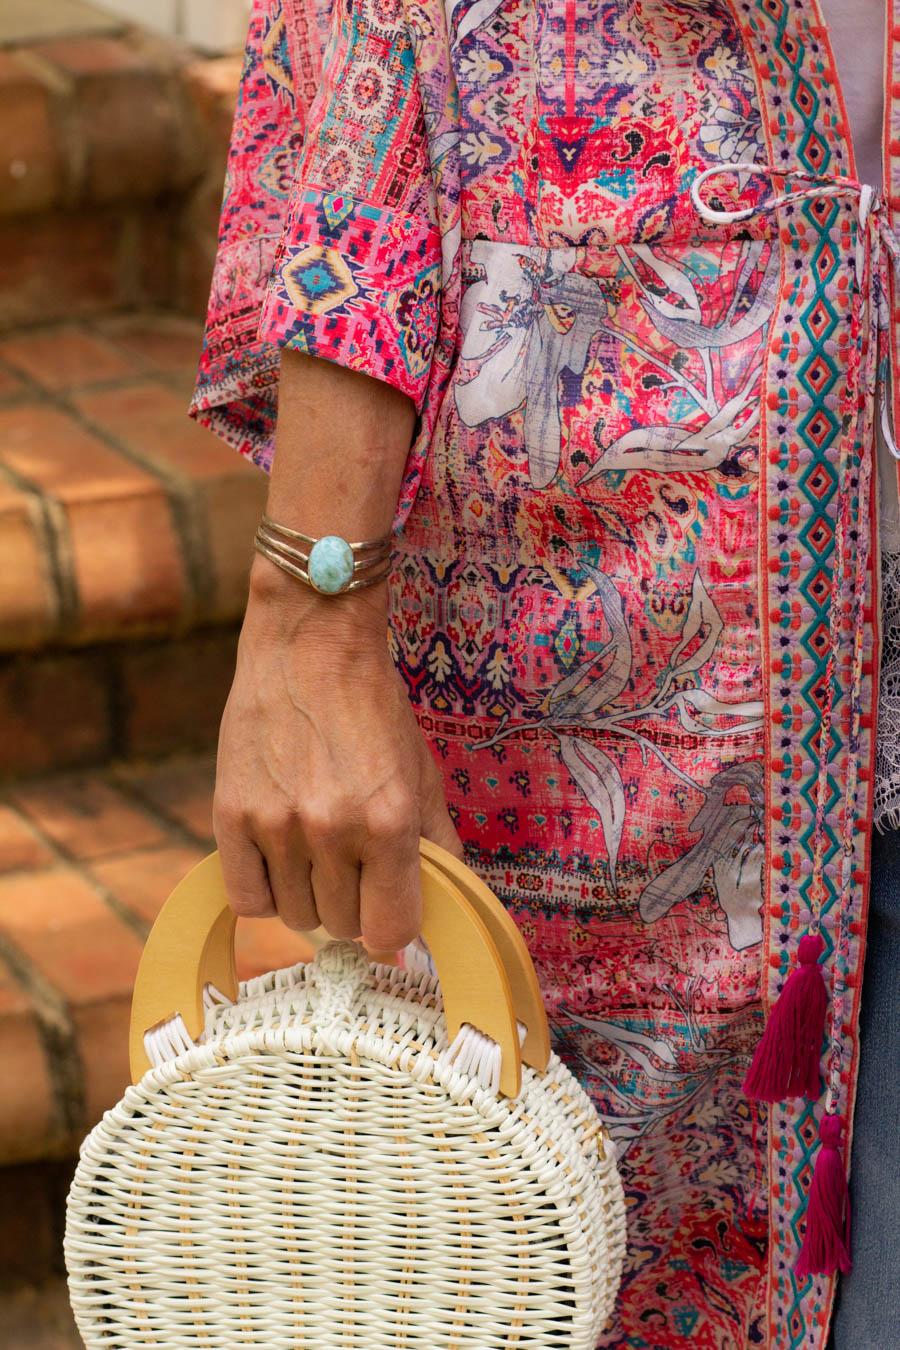 Kimono and straw bag